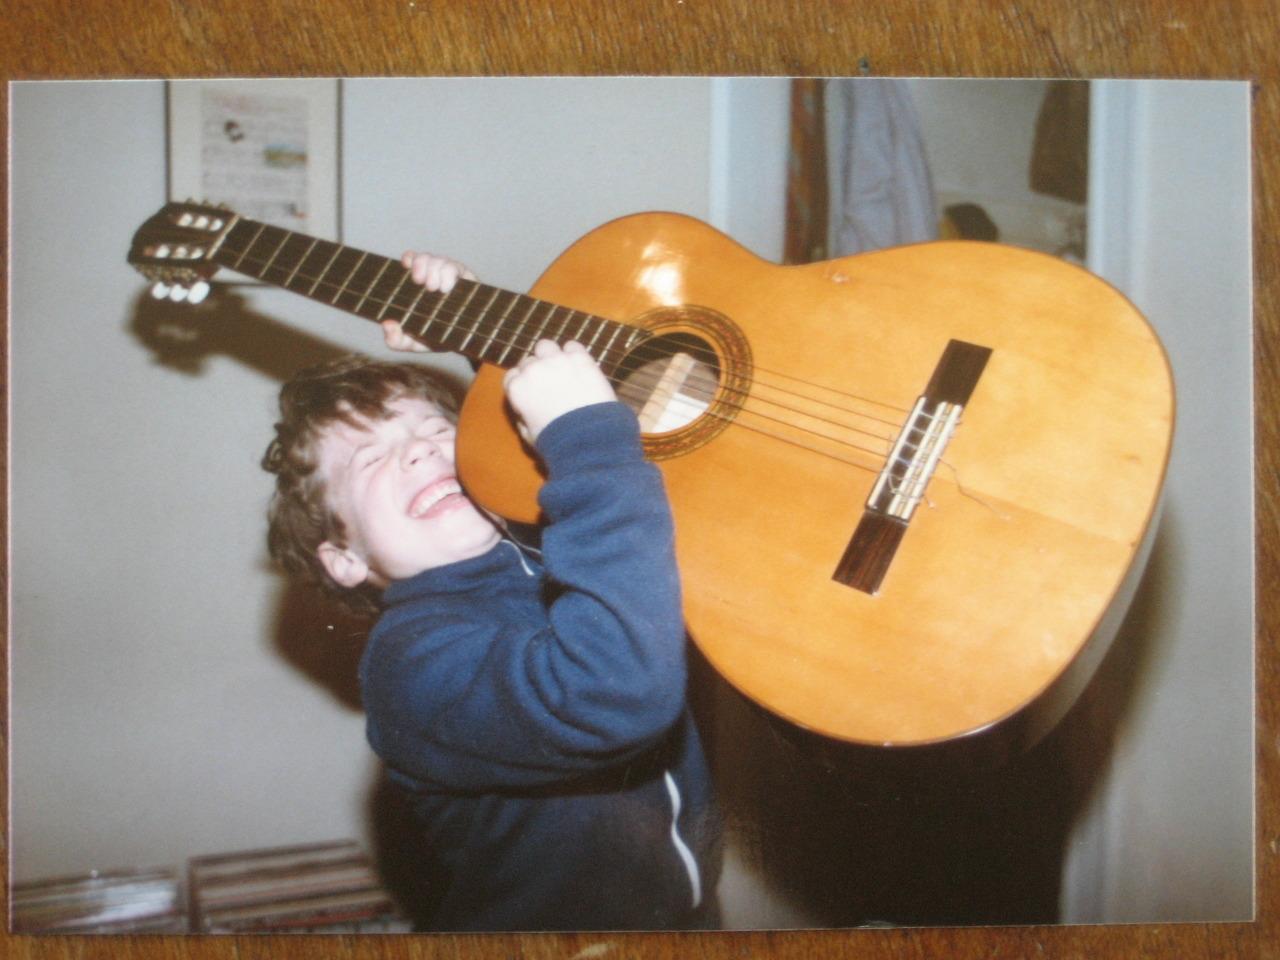 Big dreams. Joe's apartment, Boston, MAcirca 1983